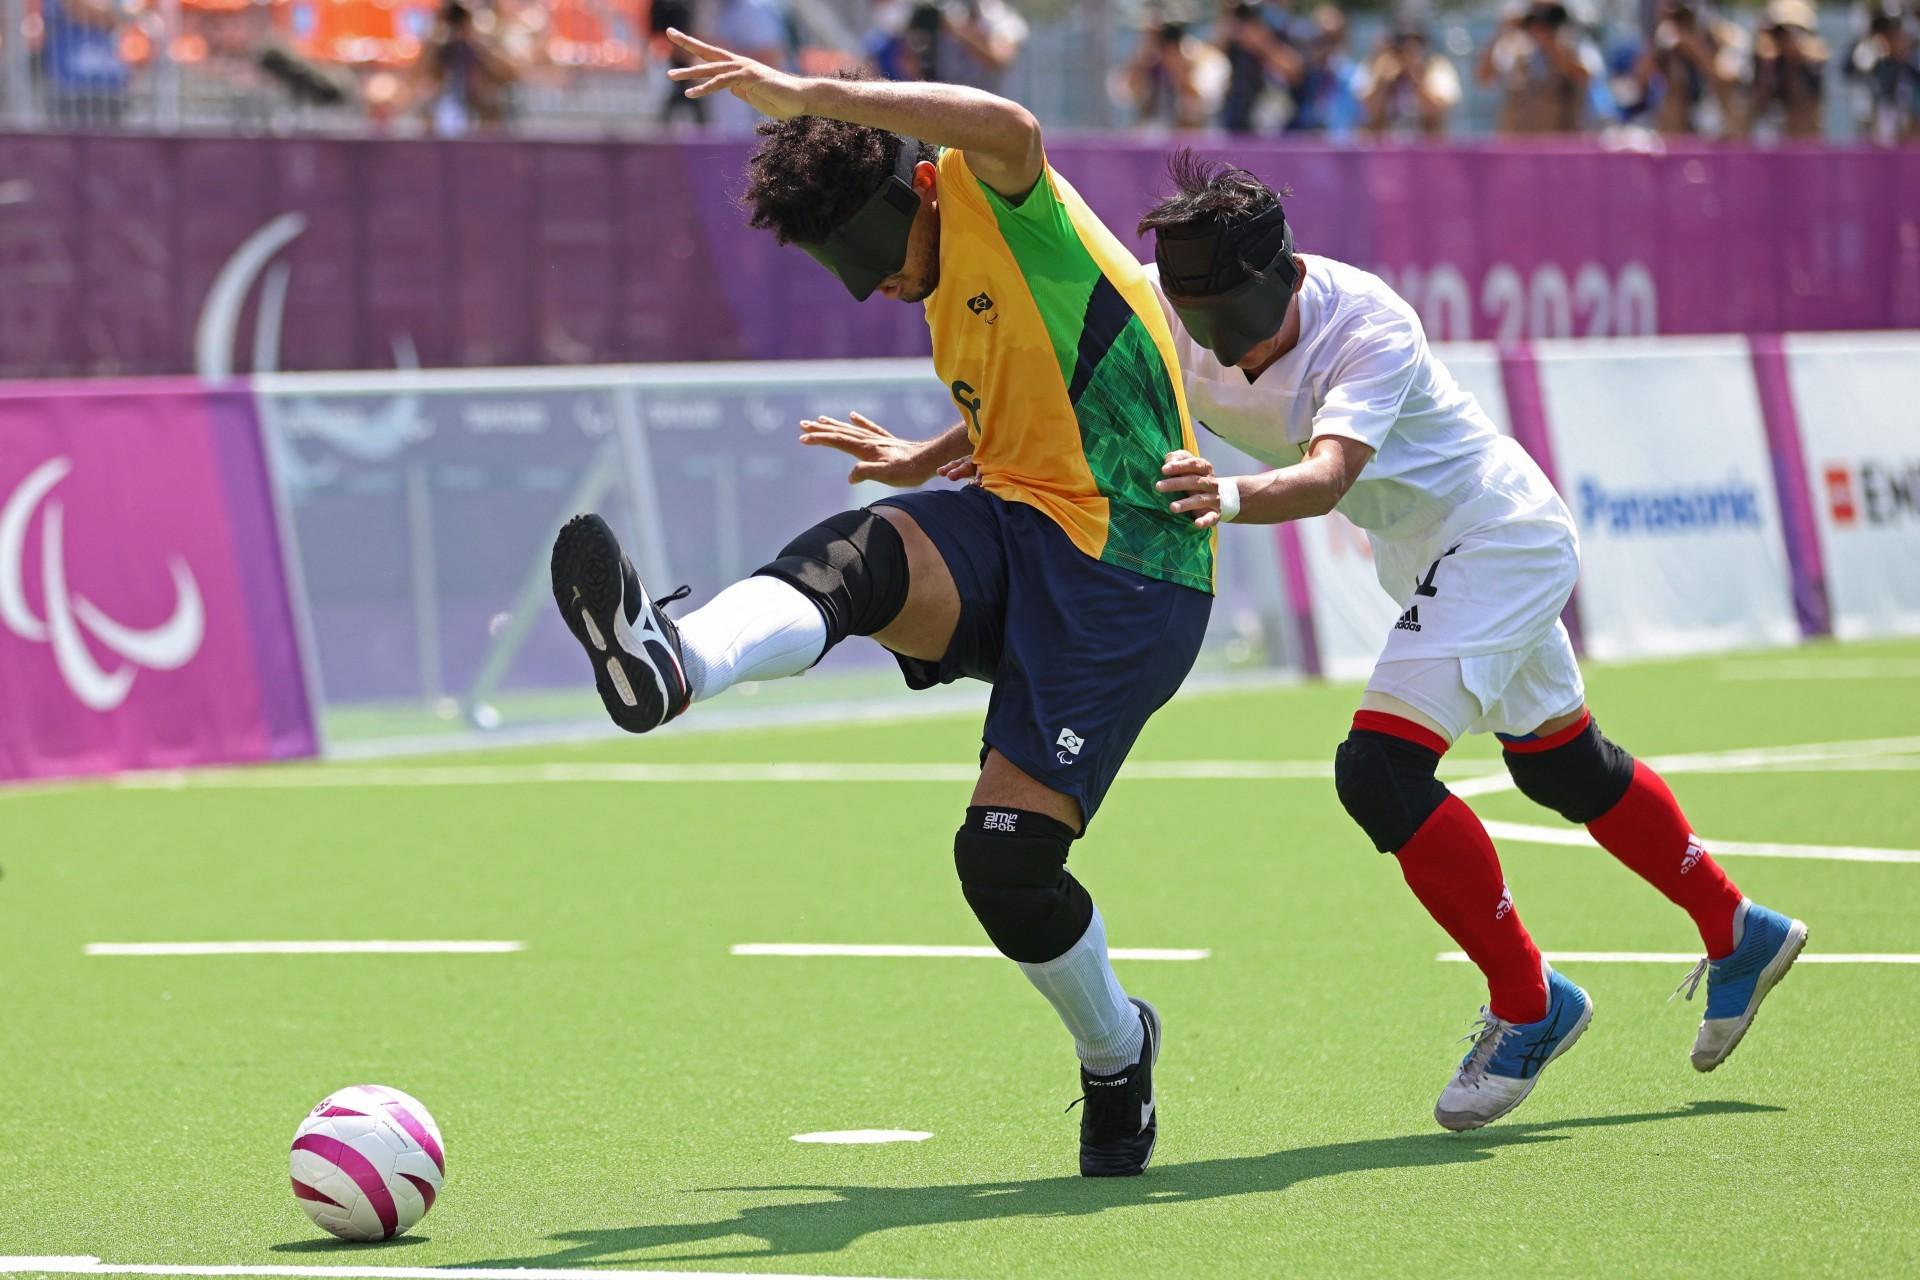 Jogos Paralímpicos jogam nosso olhar a uma das minorias mais negligenciadas